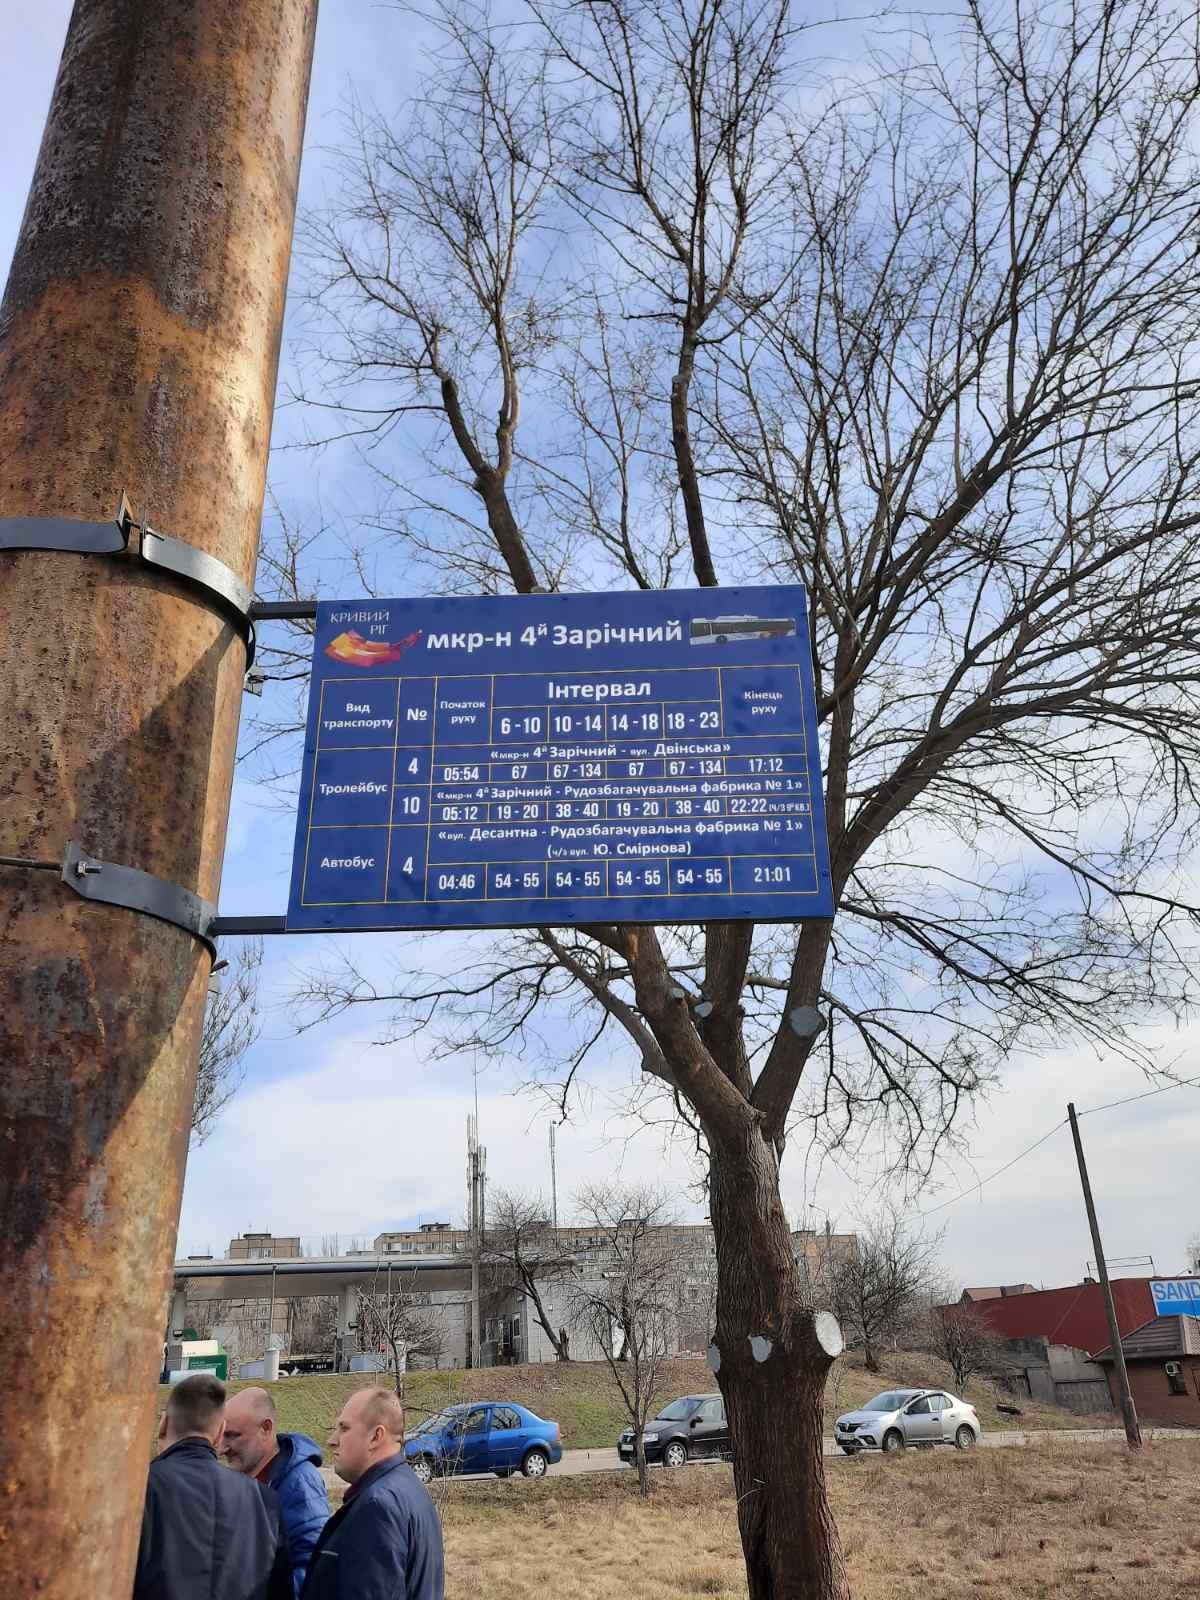 На один из маршрутов Кривого Рога вышли 6 новых троллейбусов, - ФОТО, фото-4